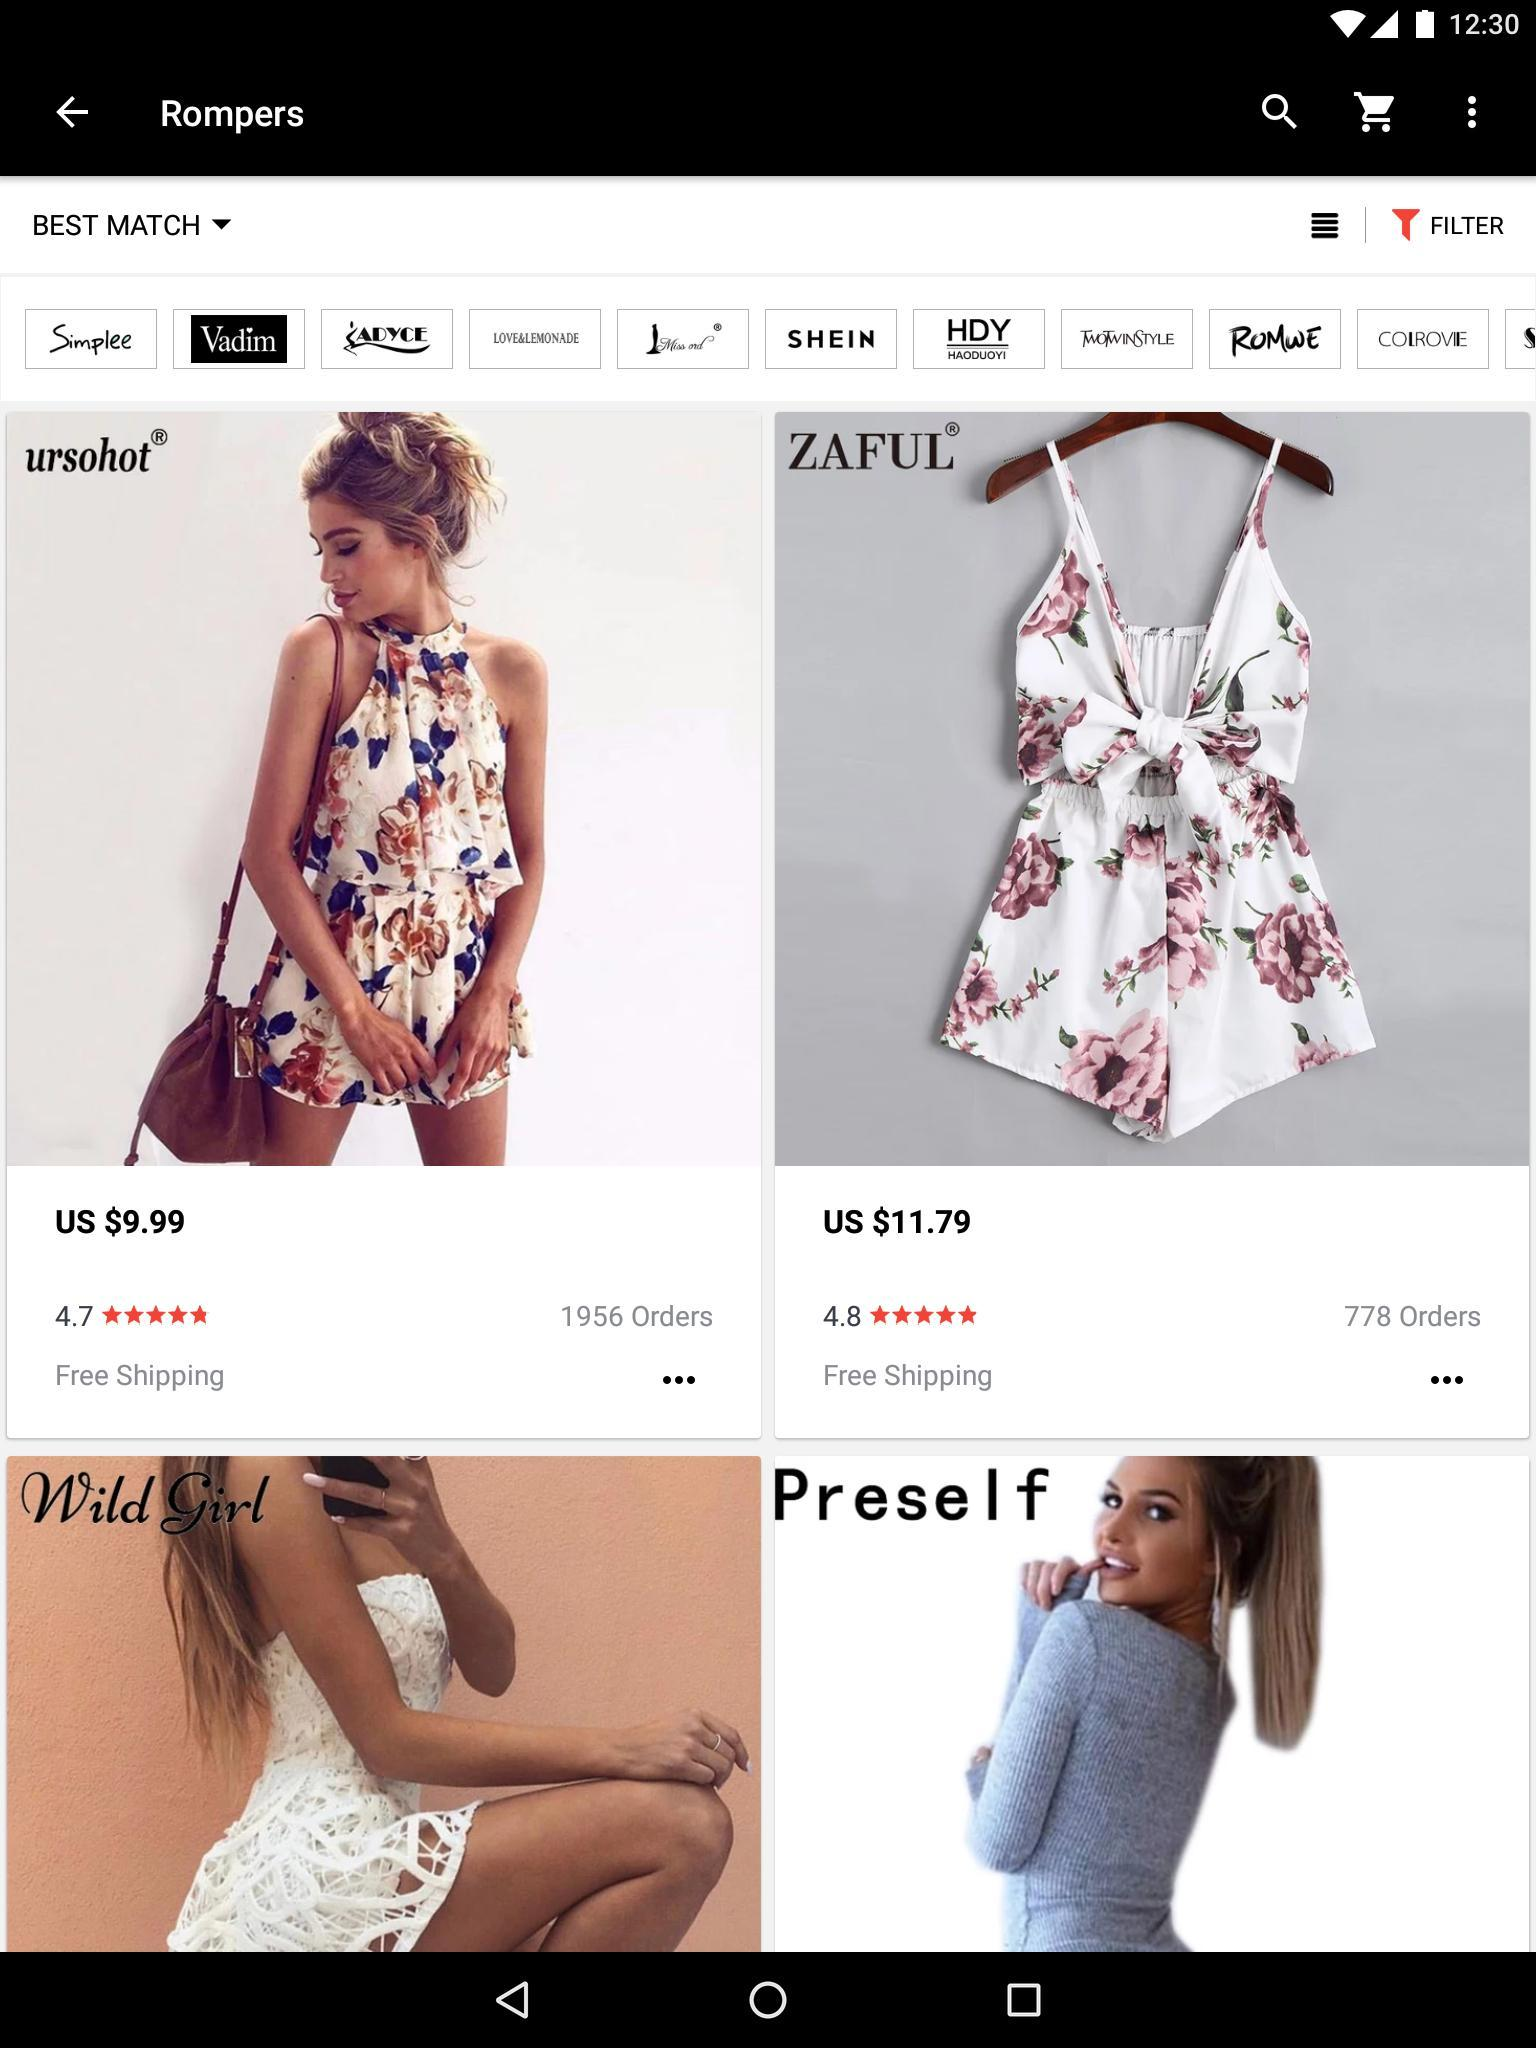 AliExpress Smarter Shopping, Better Living 8.3.3 Screenshot 9